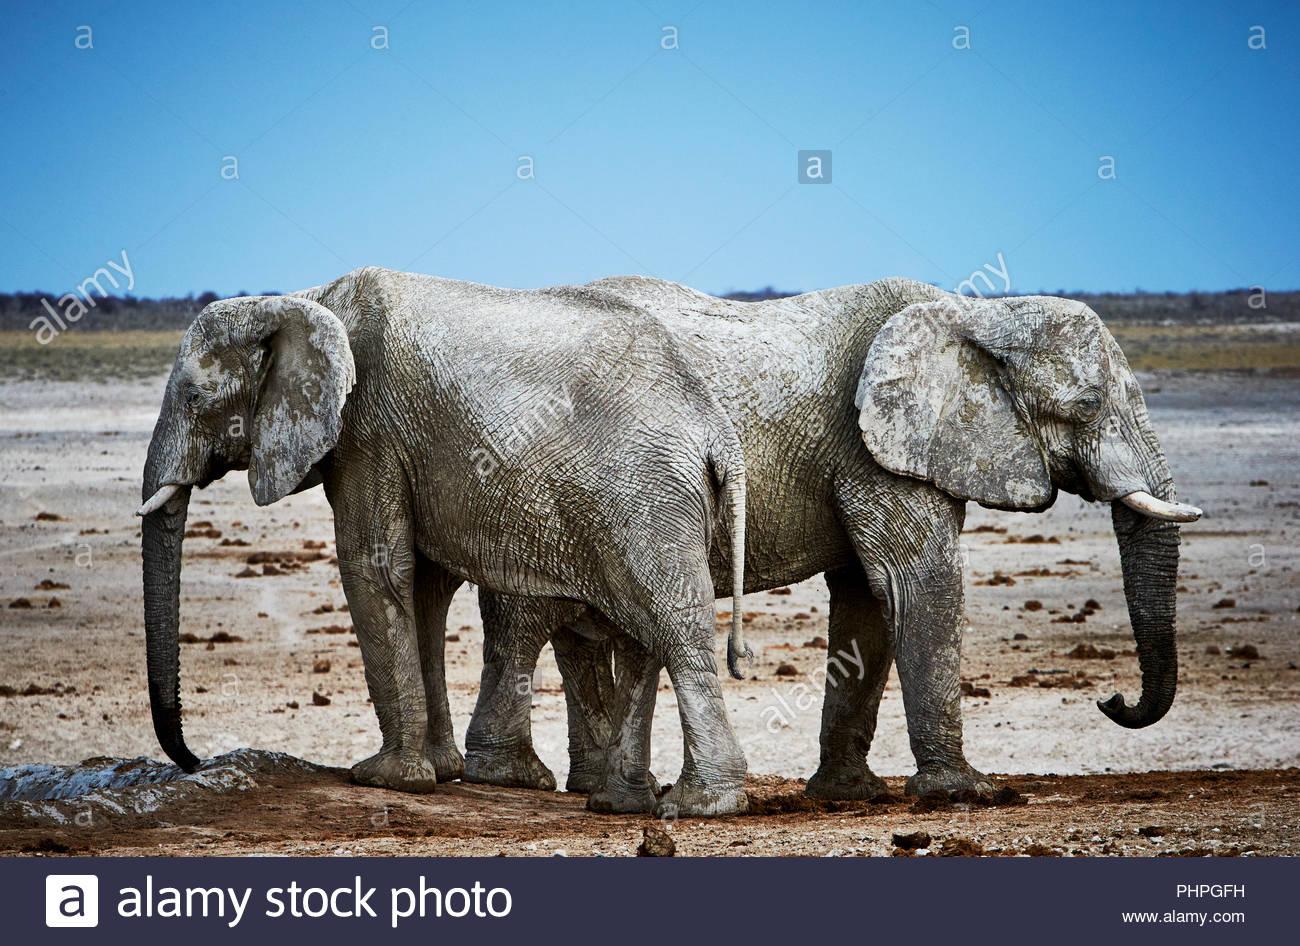 L'éléphant couvert de boue Photo Stock